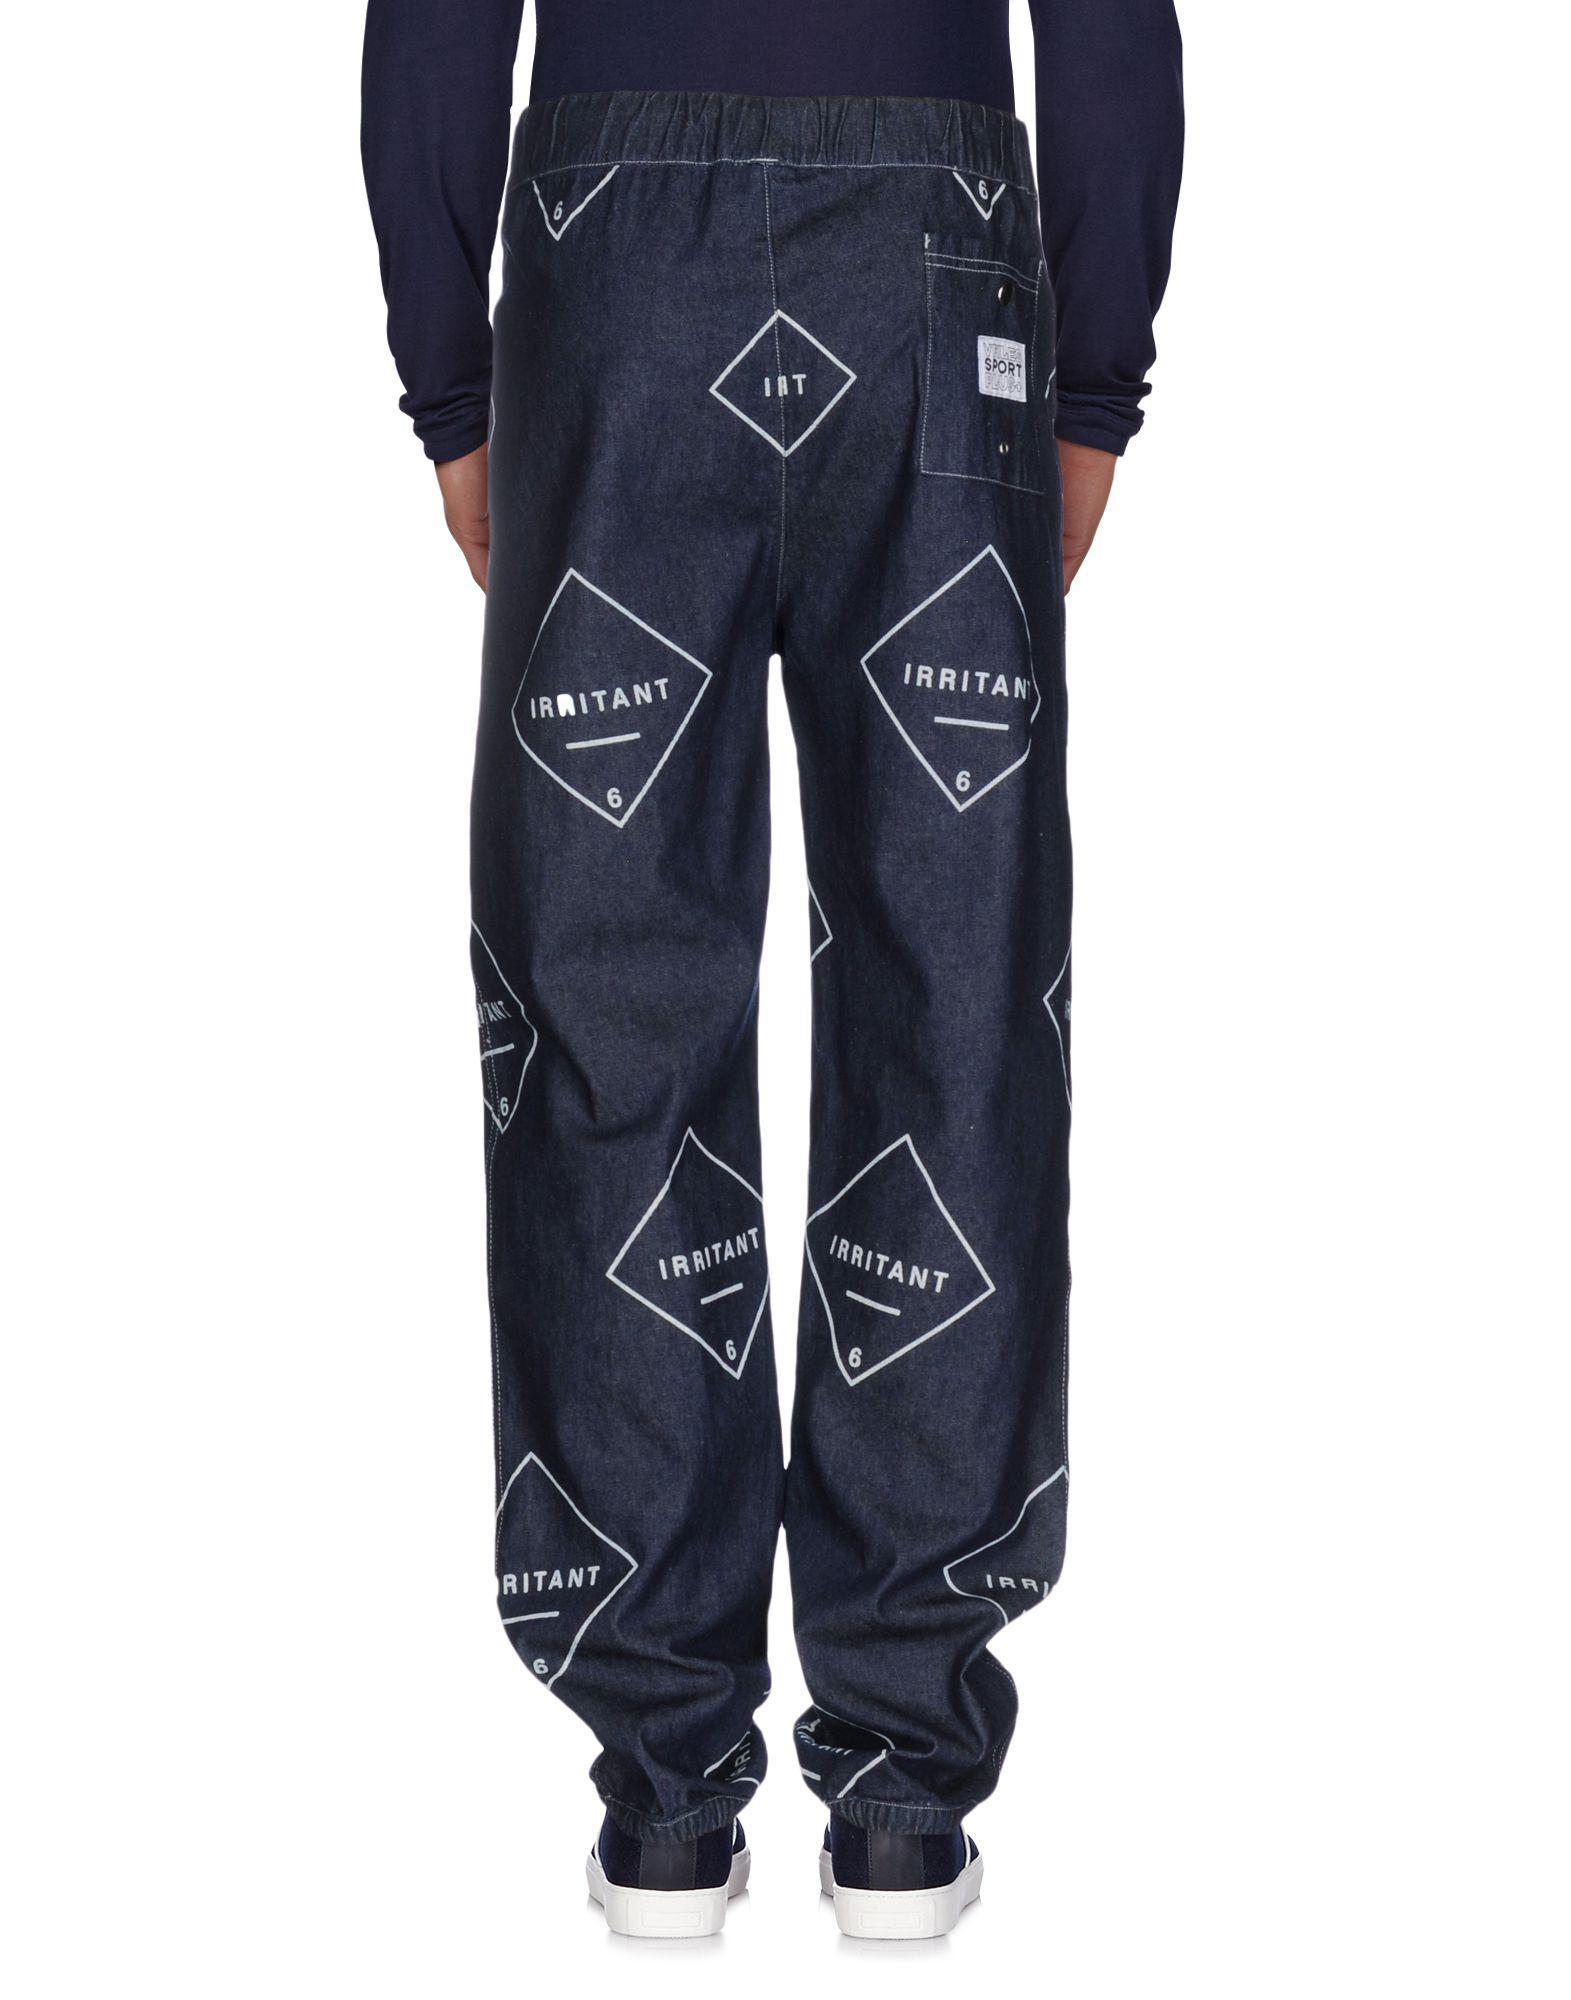 VFiles Denim Trousers in Blue for Men